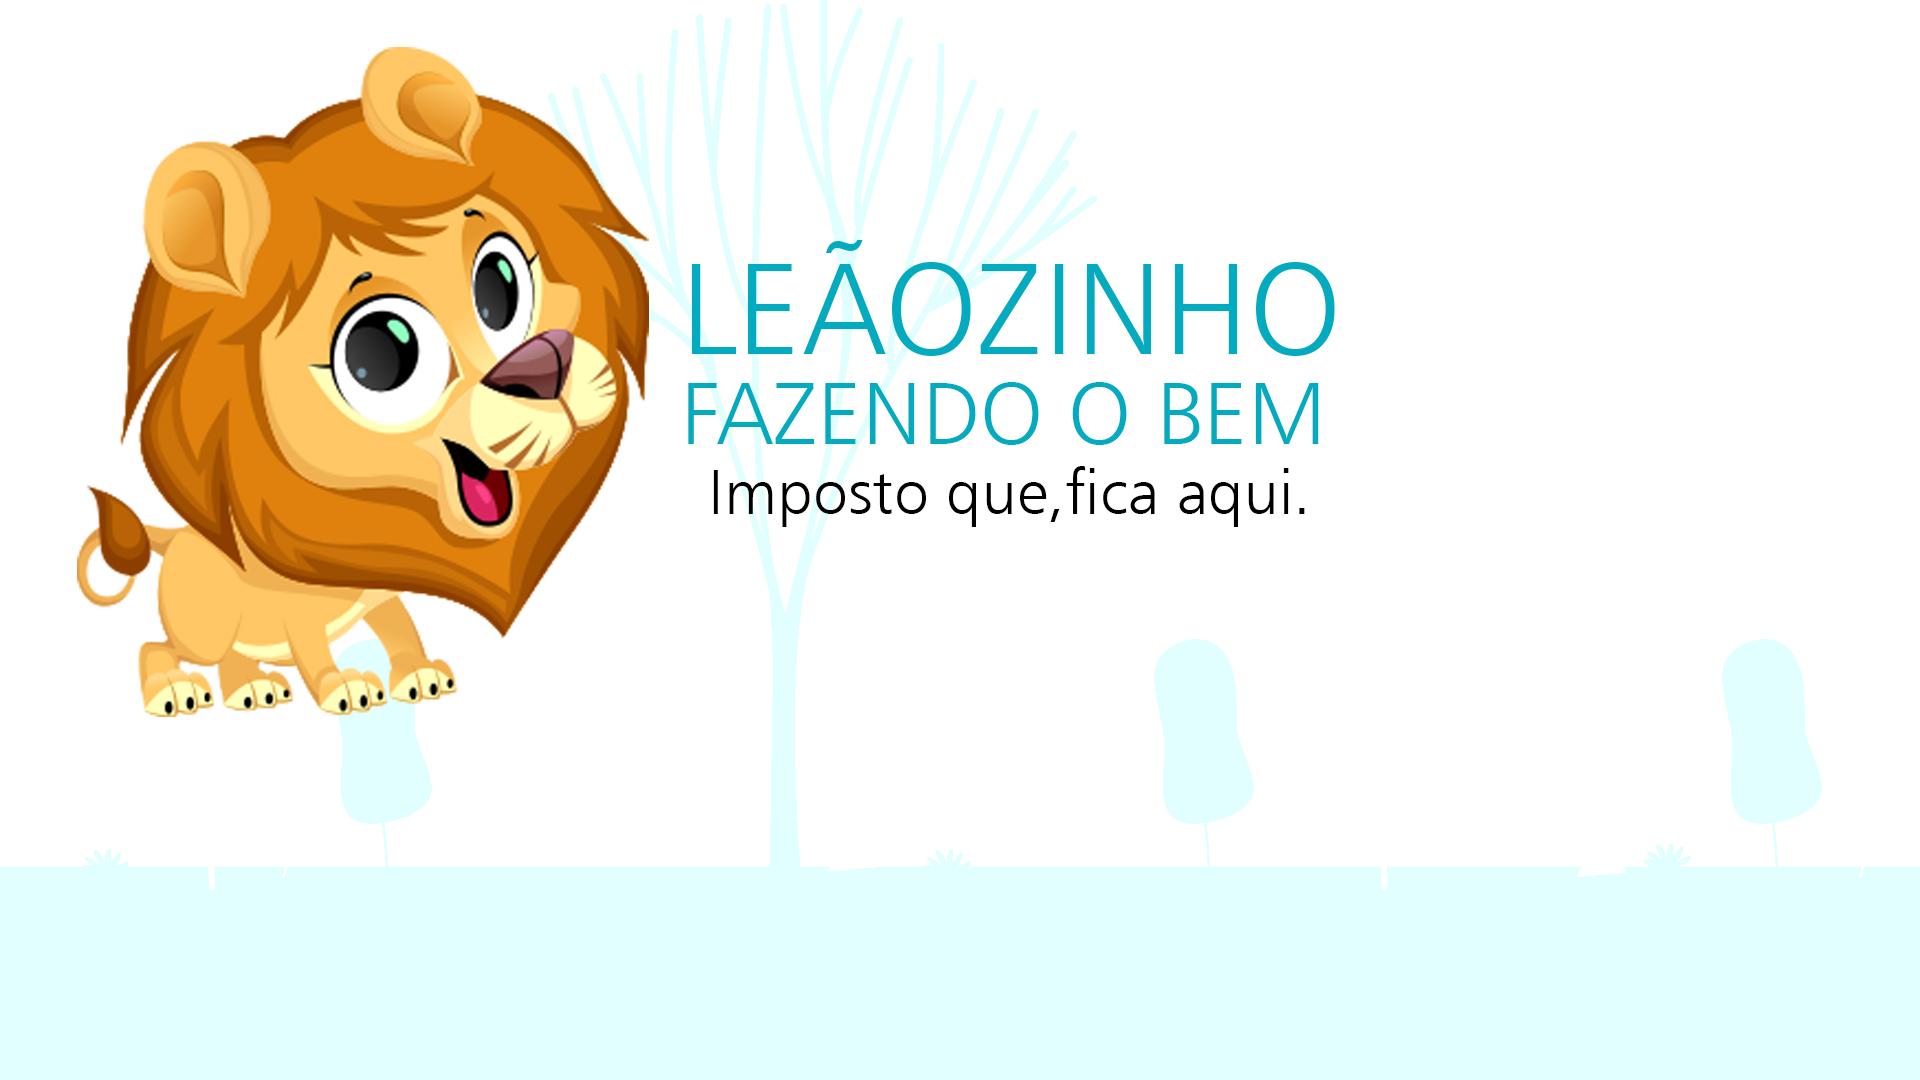 LOGO LEÃOZINHO-1